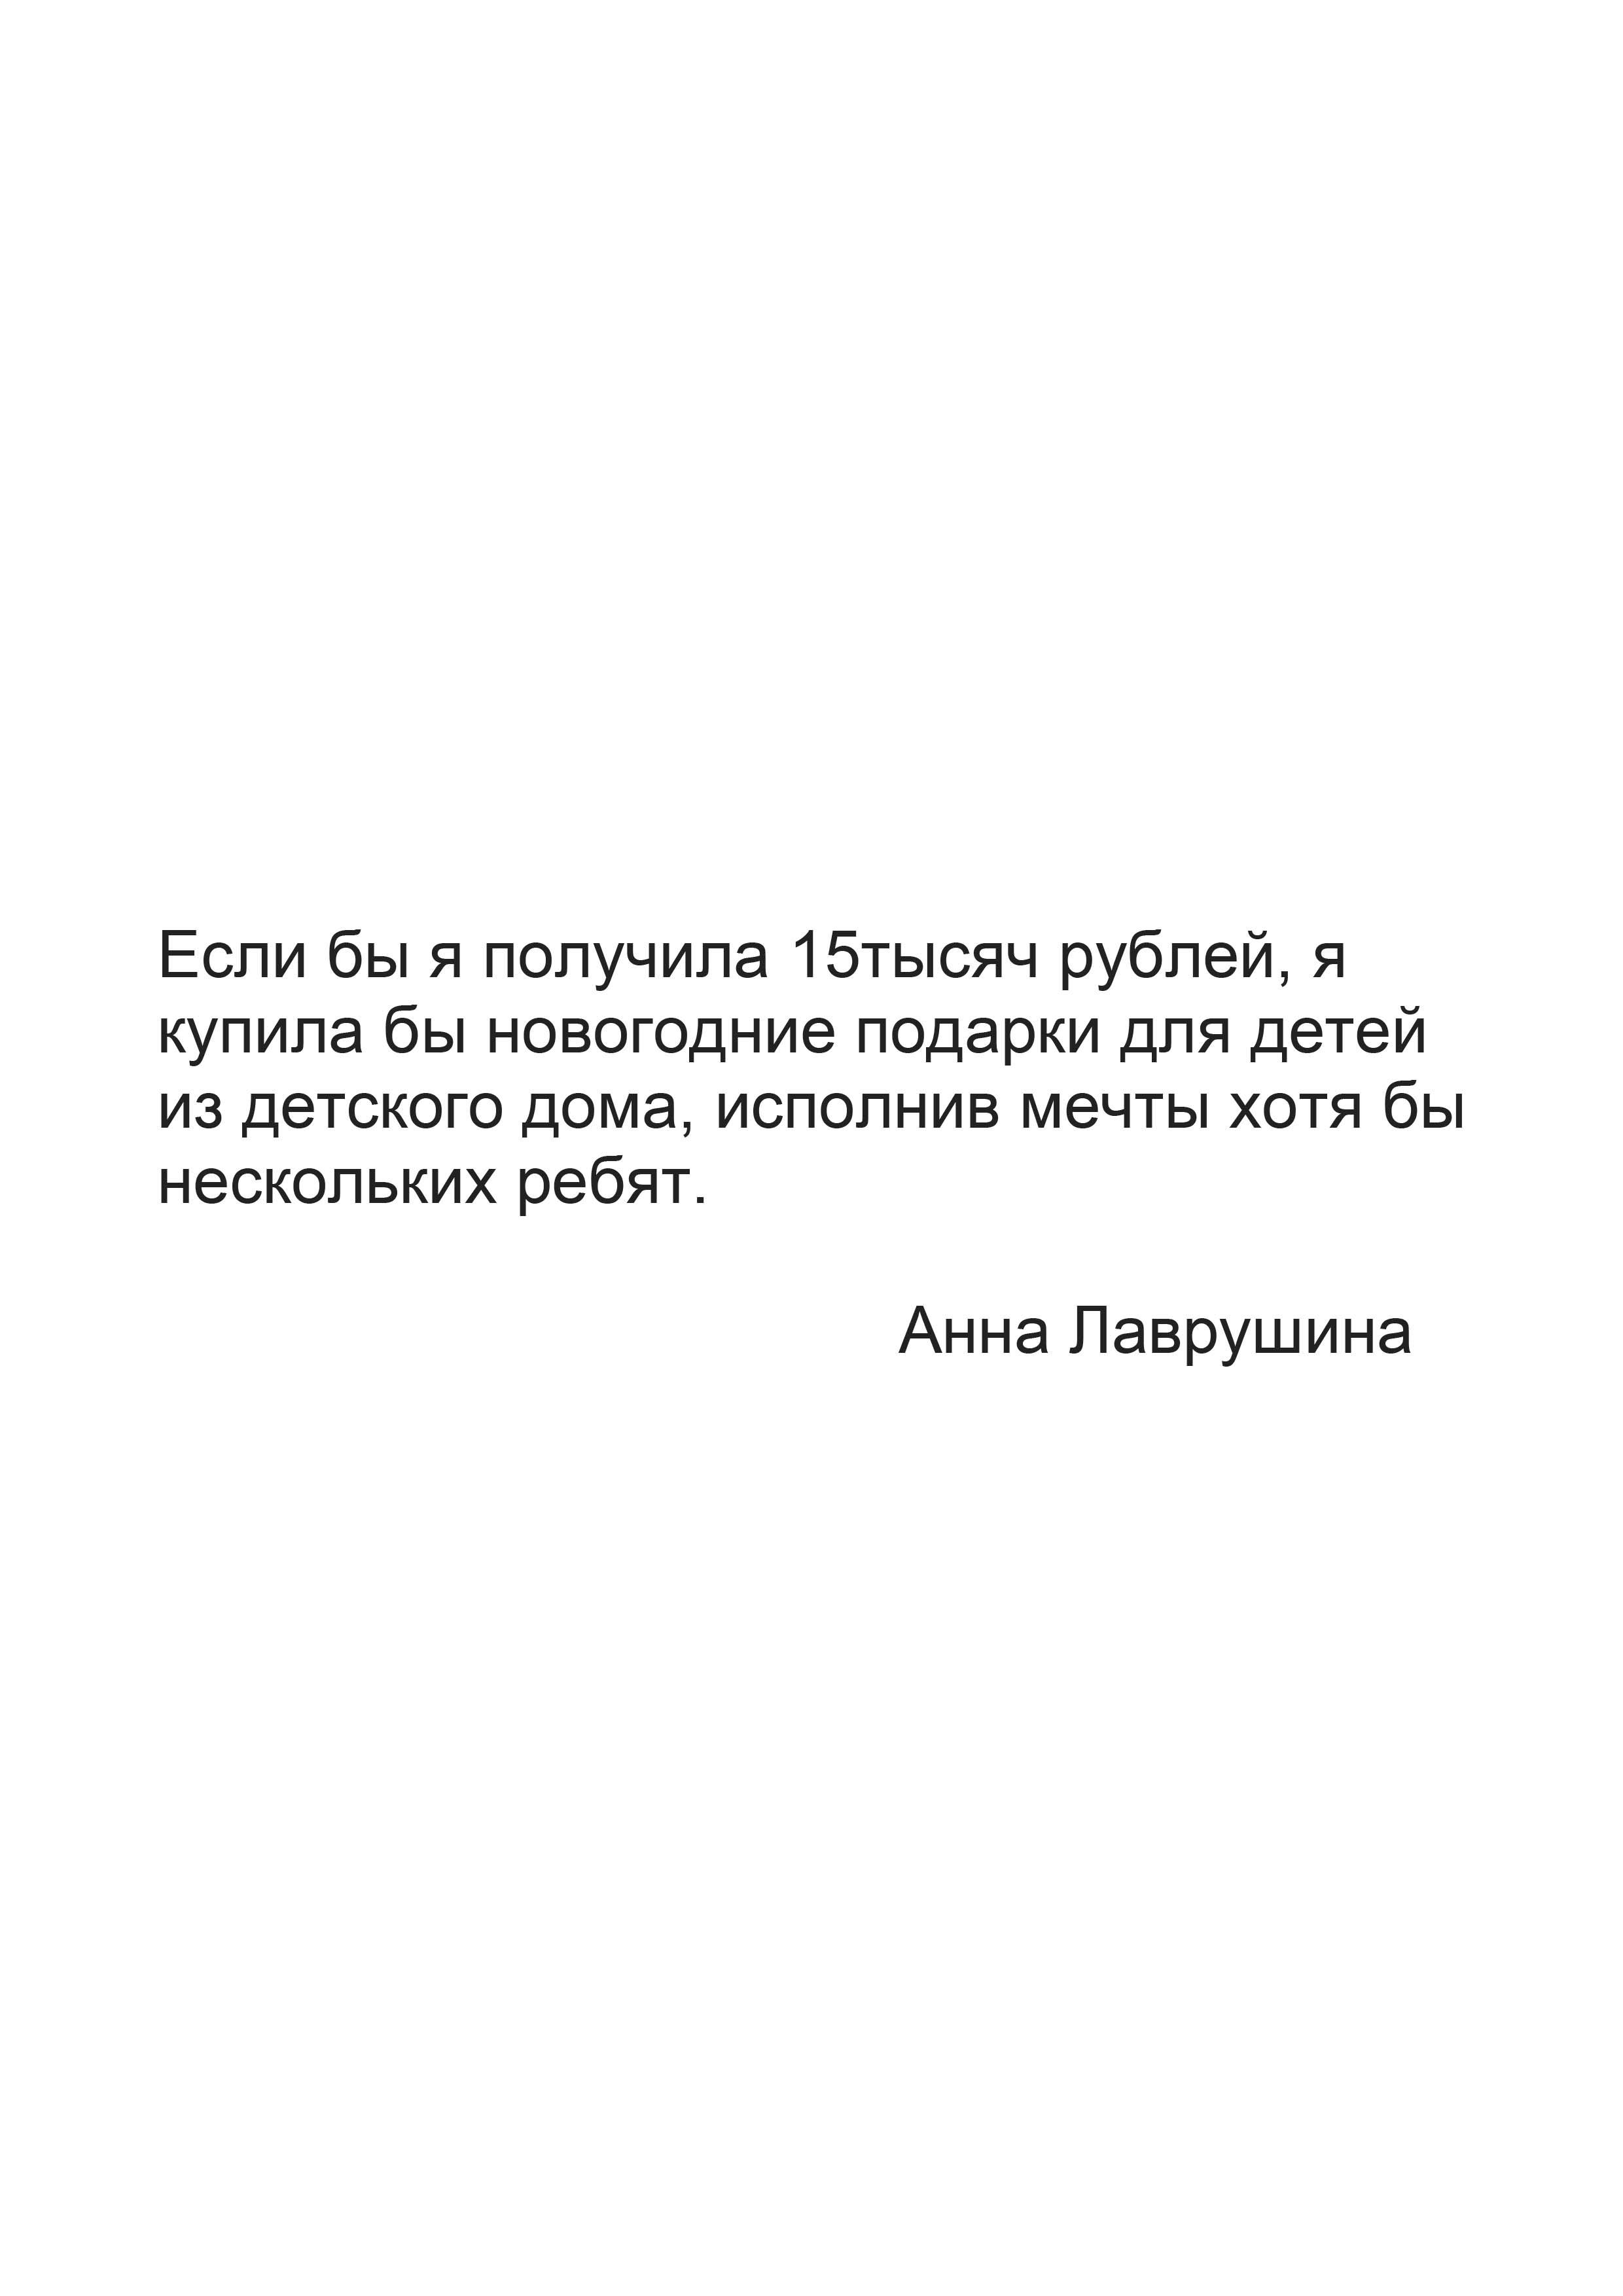 Анна Лаврушина